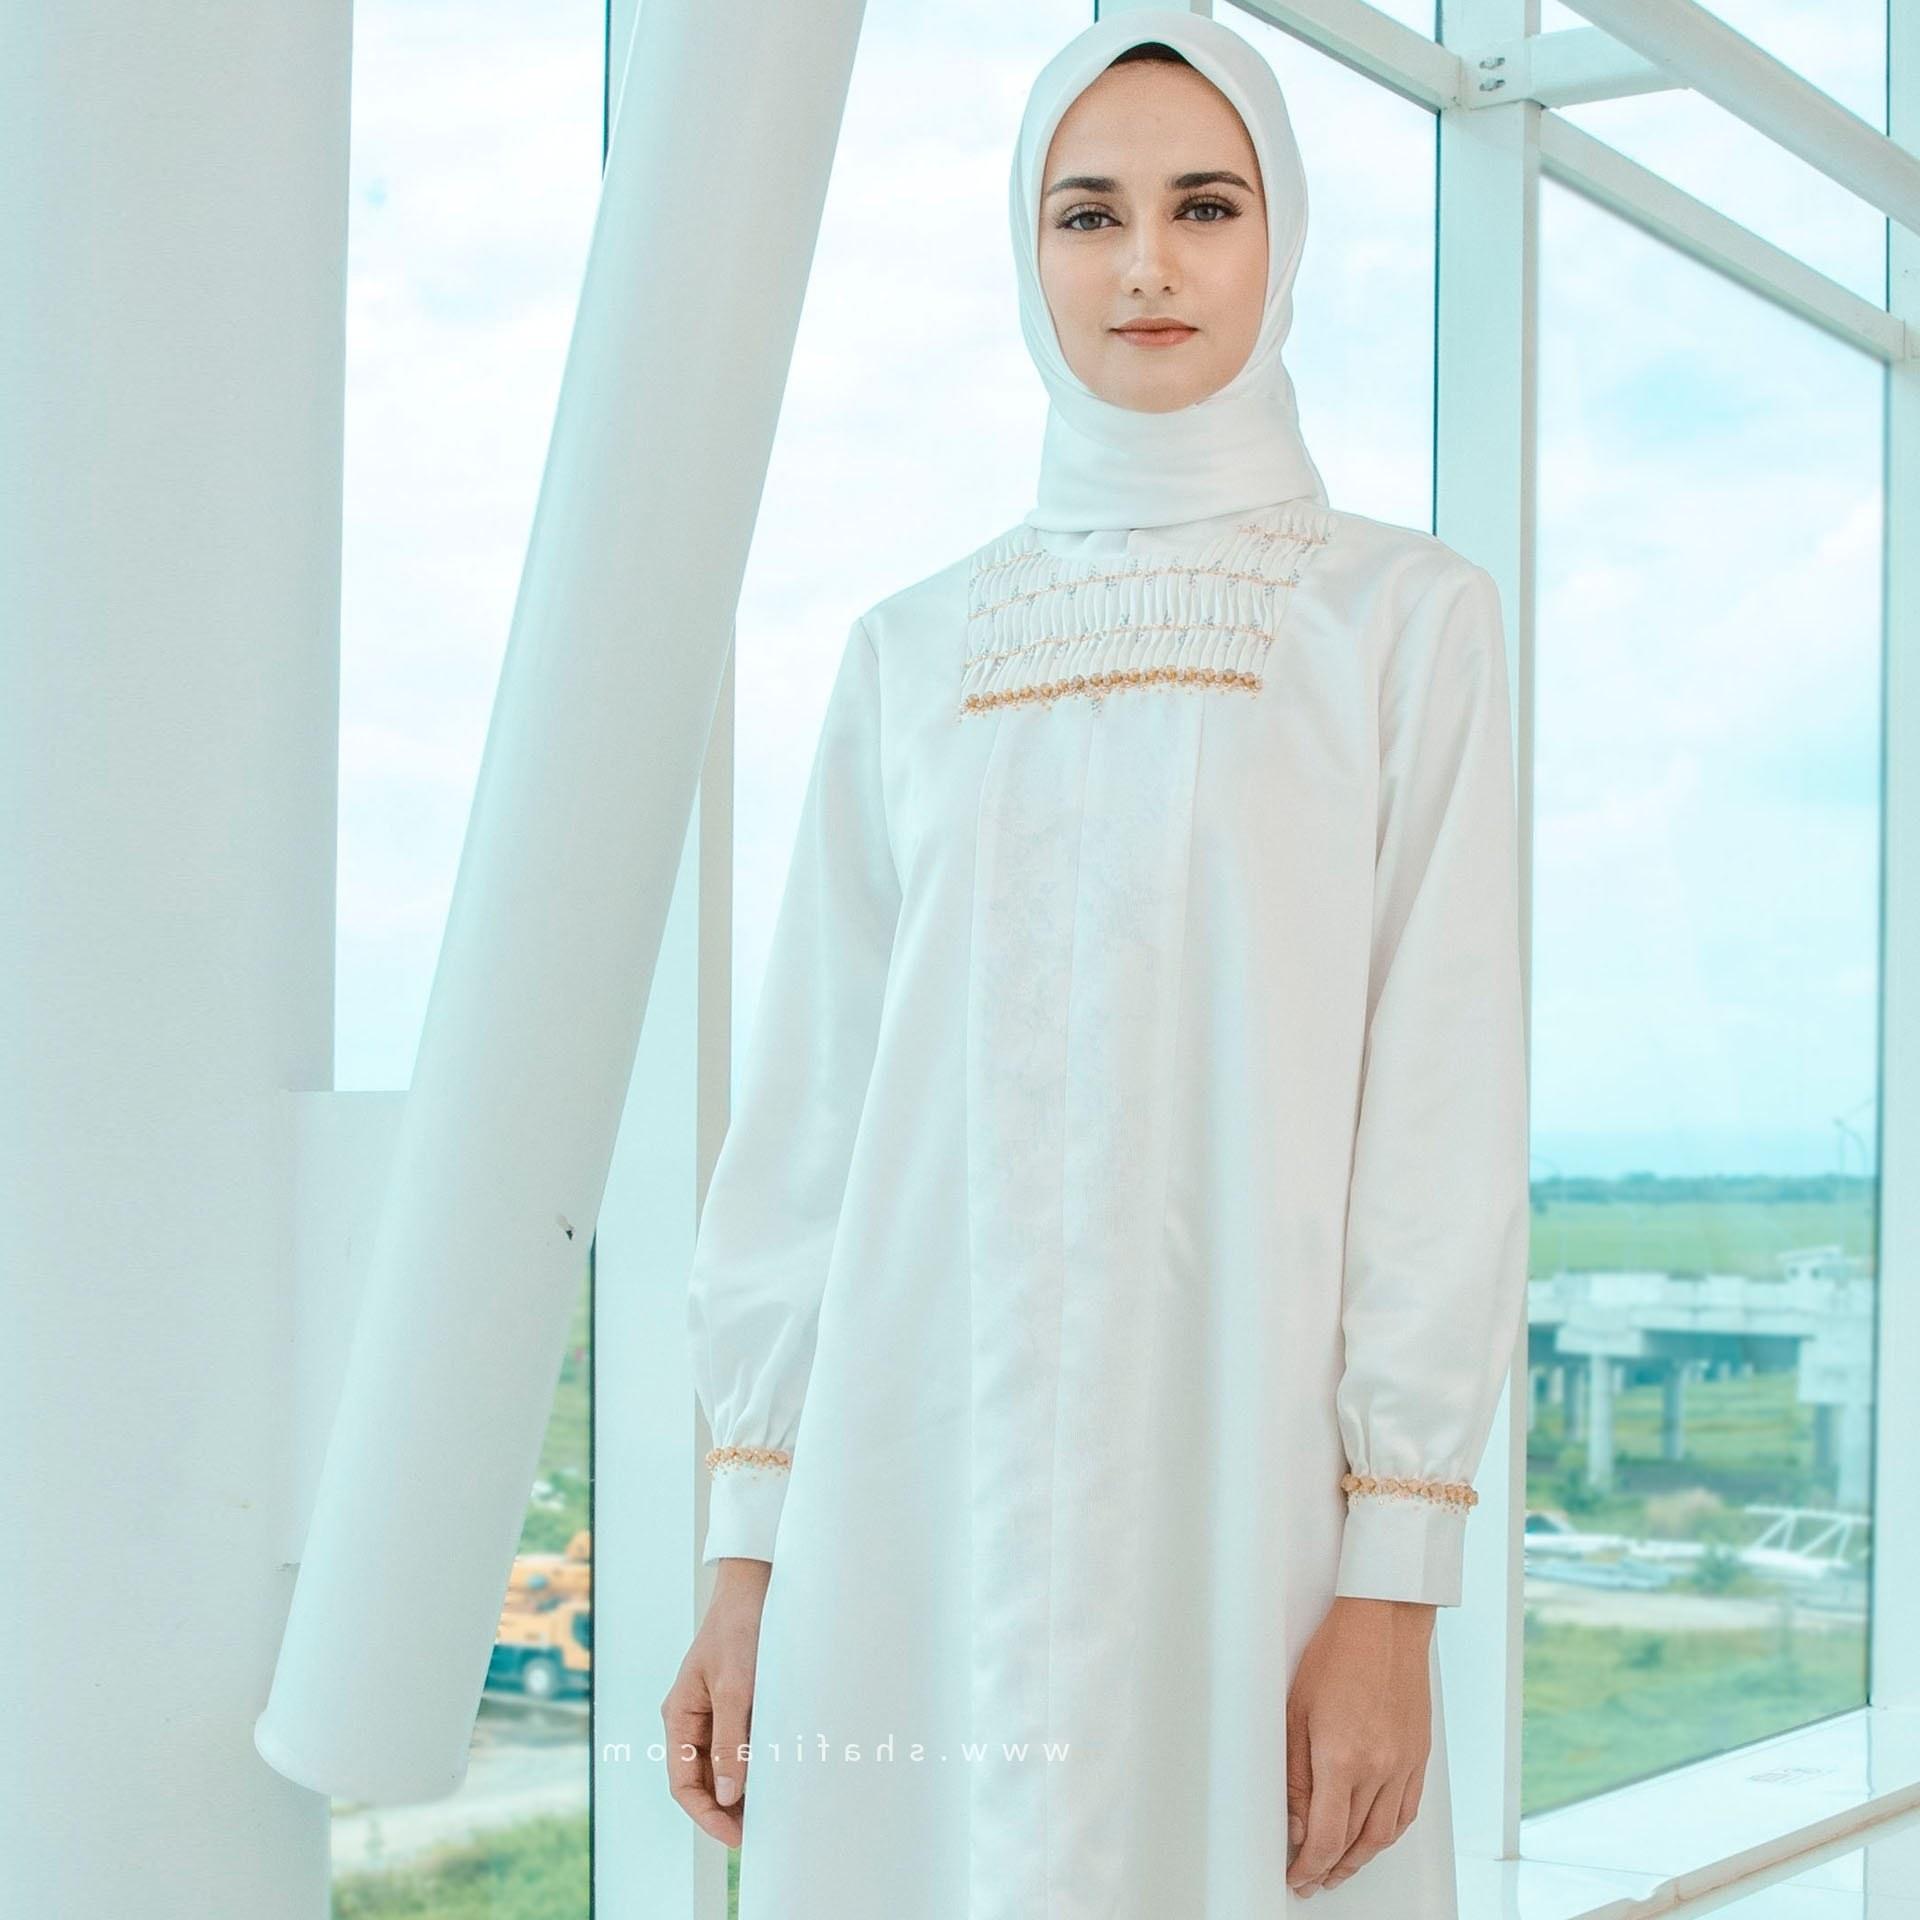 Ide Sewa Baju Pengantin Muslimah Bandung Ftd8 the First Leading Muslim Fashion – Shafira